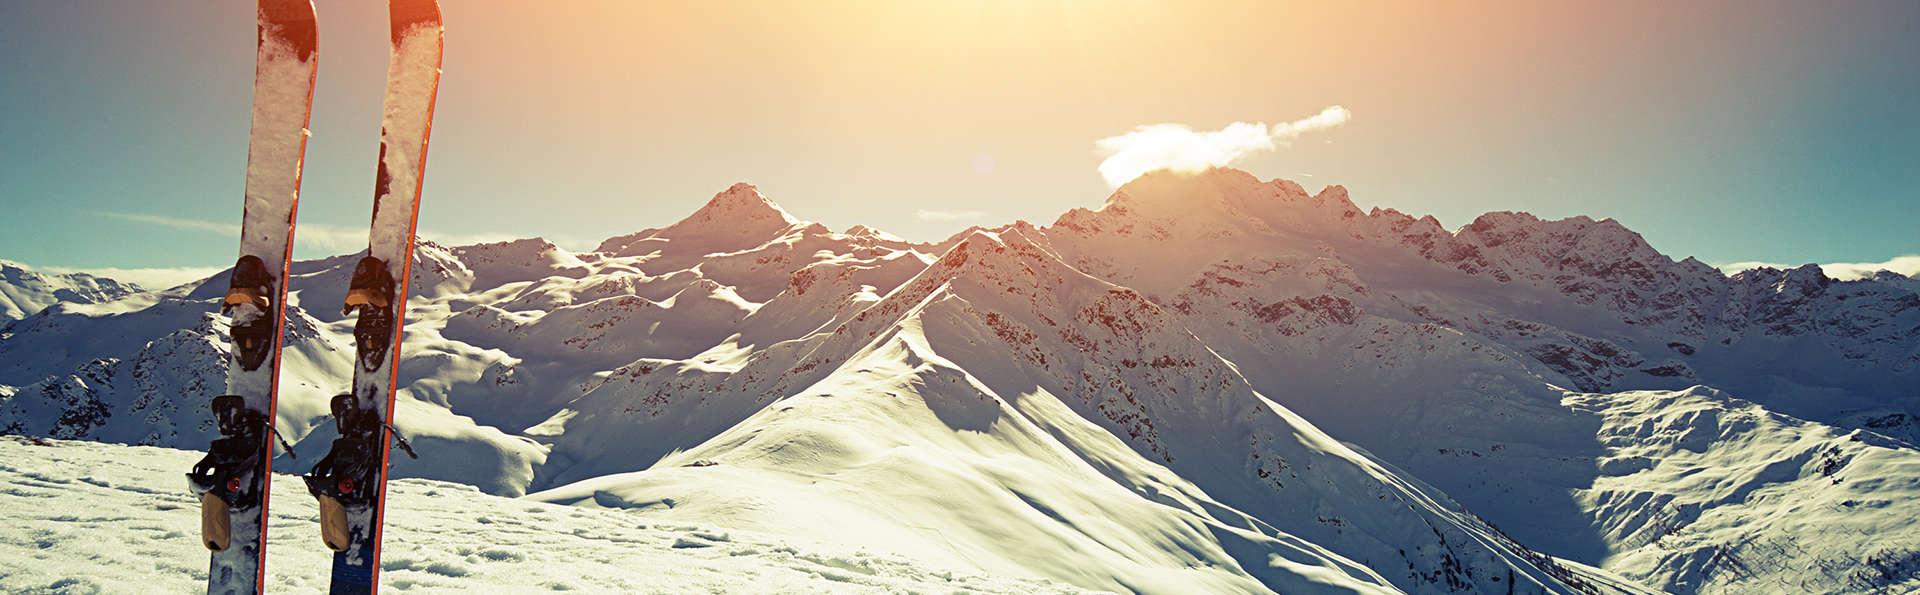 Alpina Eclectic Hotel Chamonix  - EDIT_SKI04.jpg